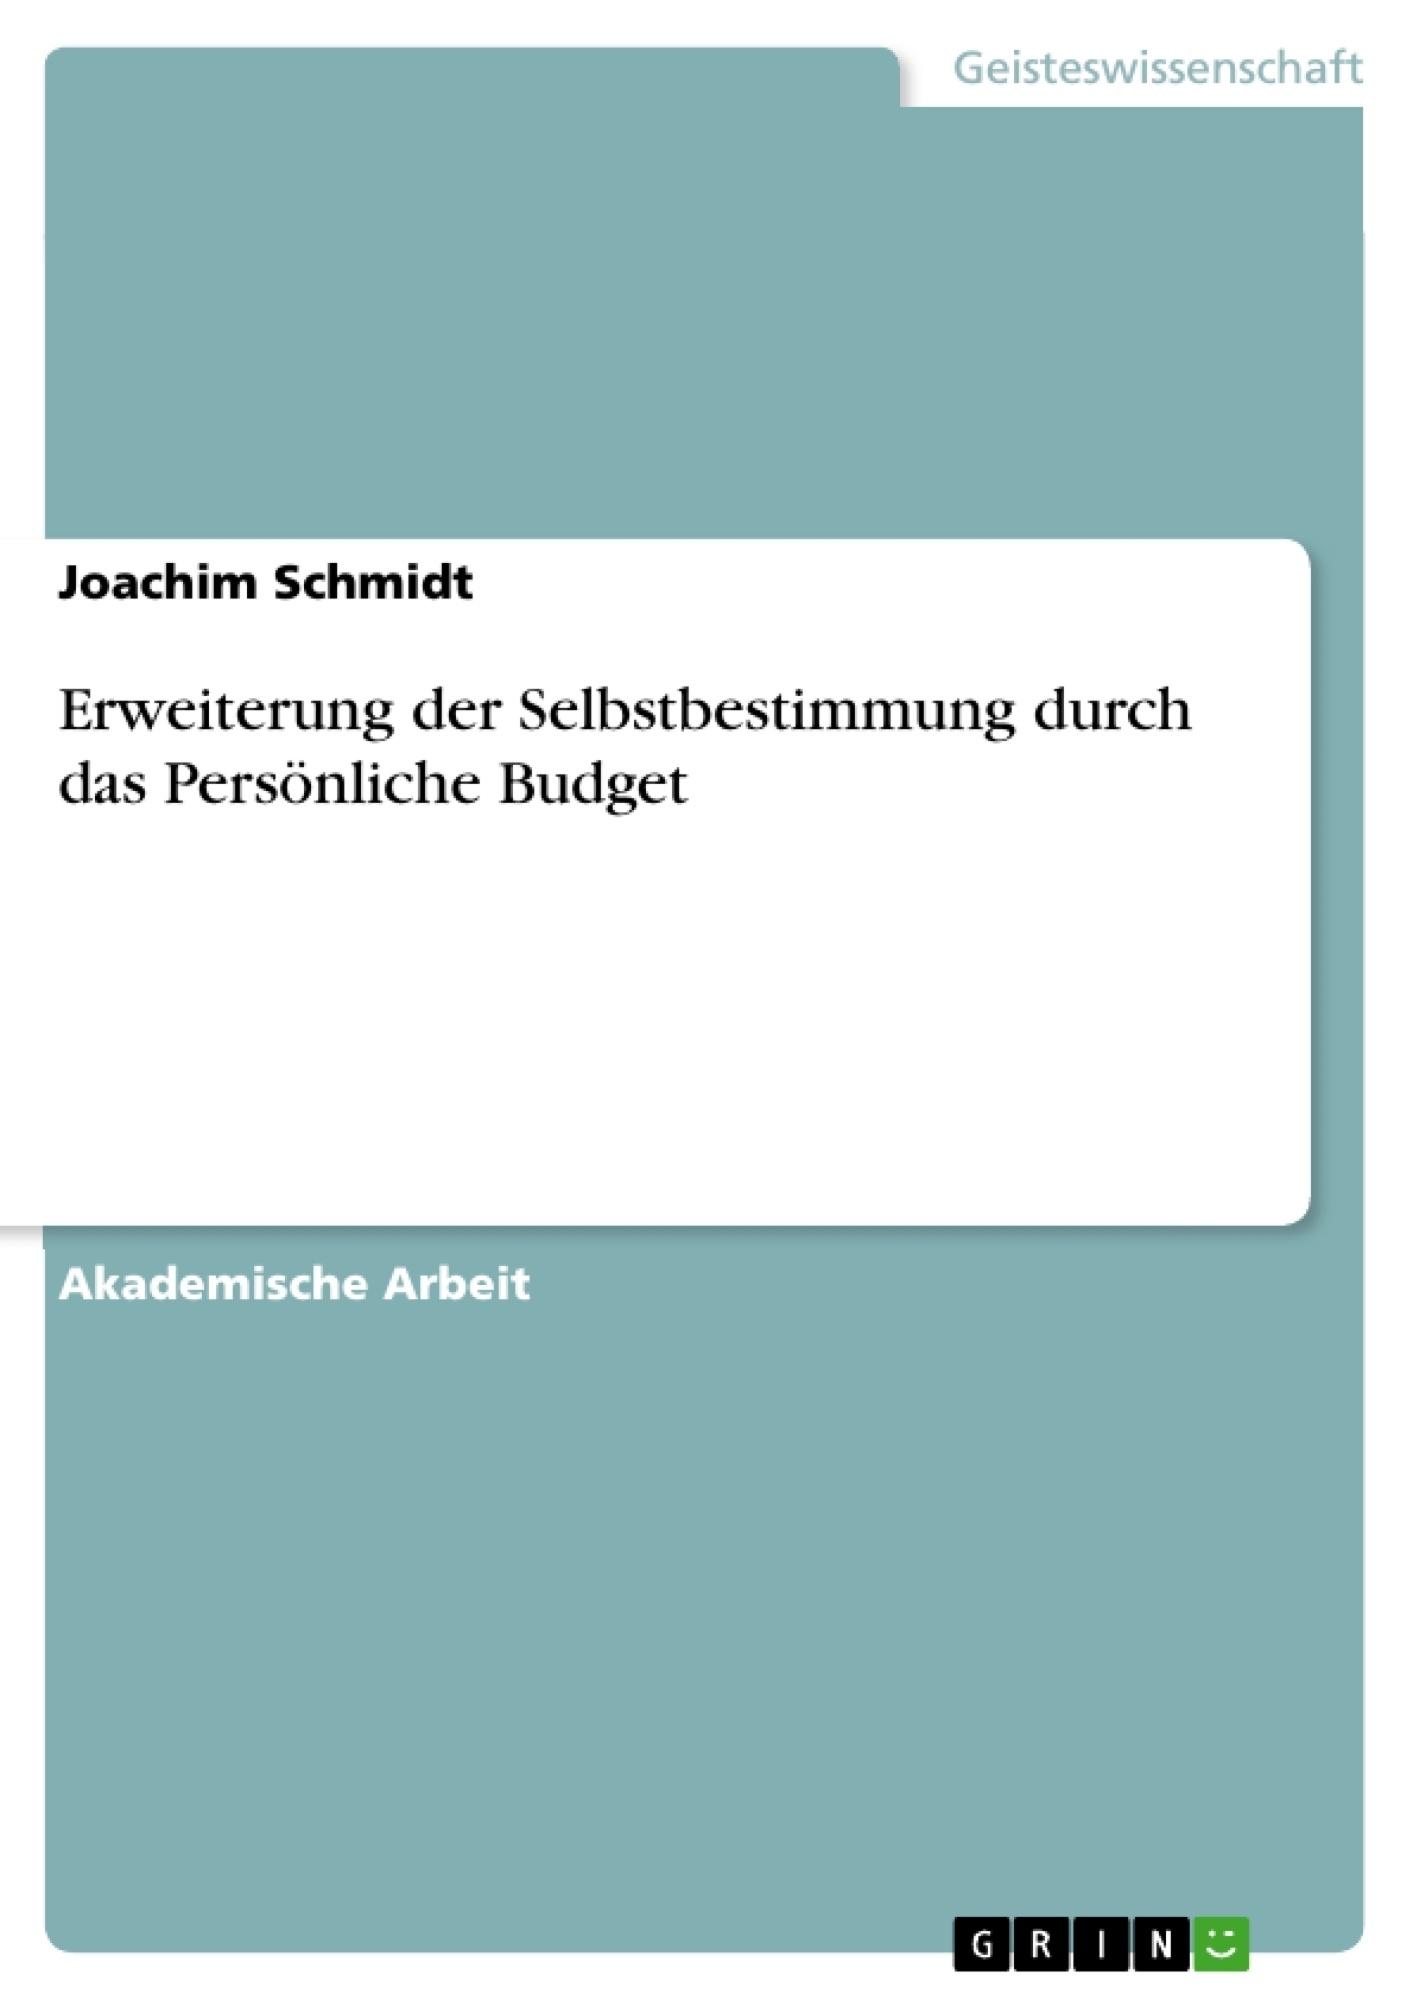 Titel: Erweiterung der Selbstbestimmung durch das Persönliche Budget